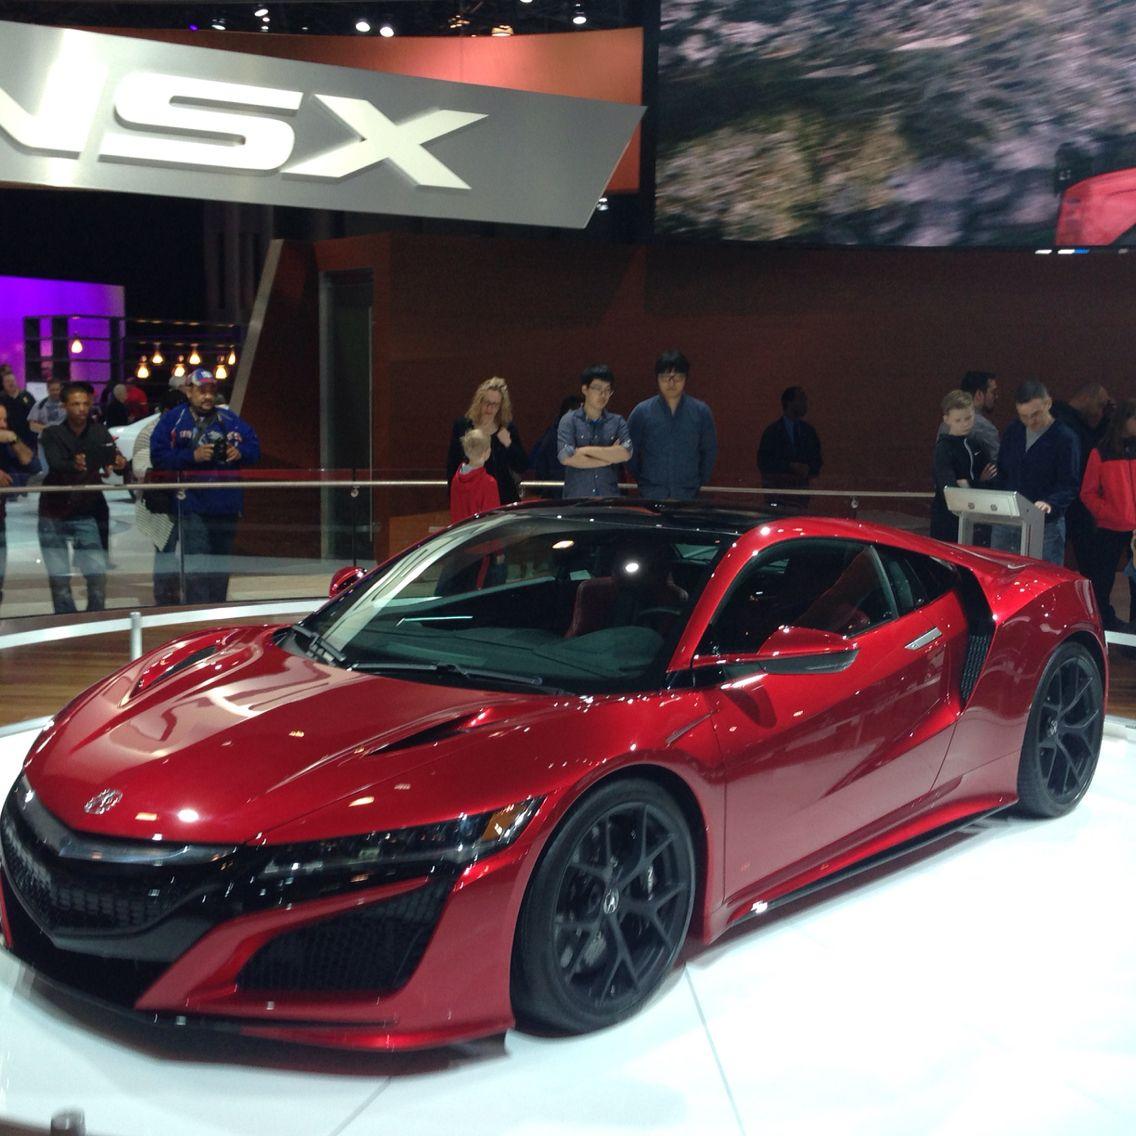 2016 Acura NSX (2015 NY Auto Show)